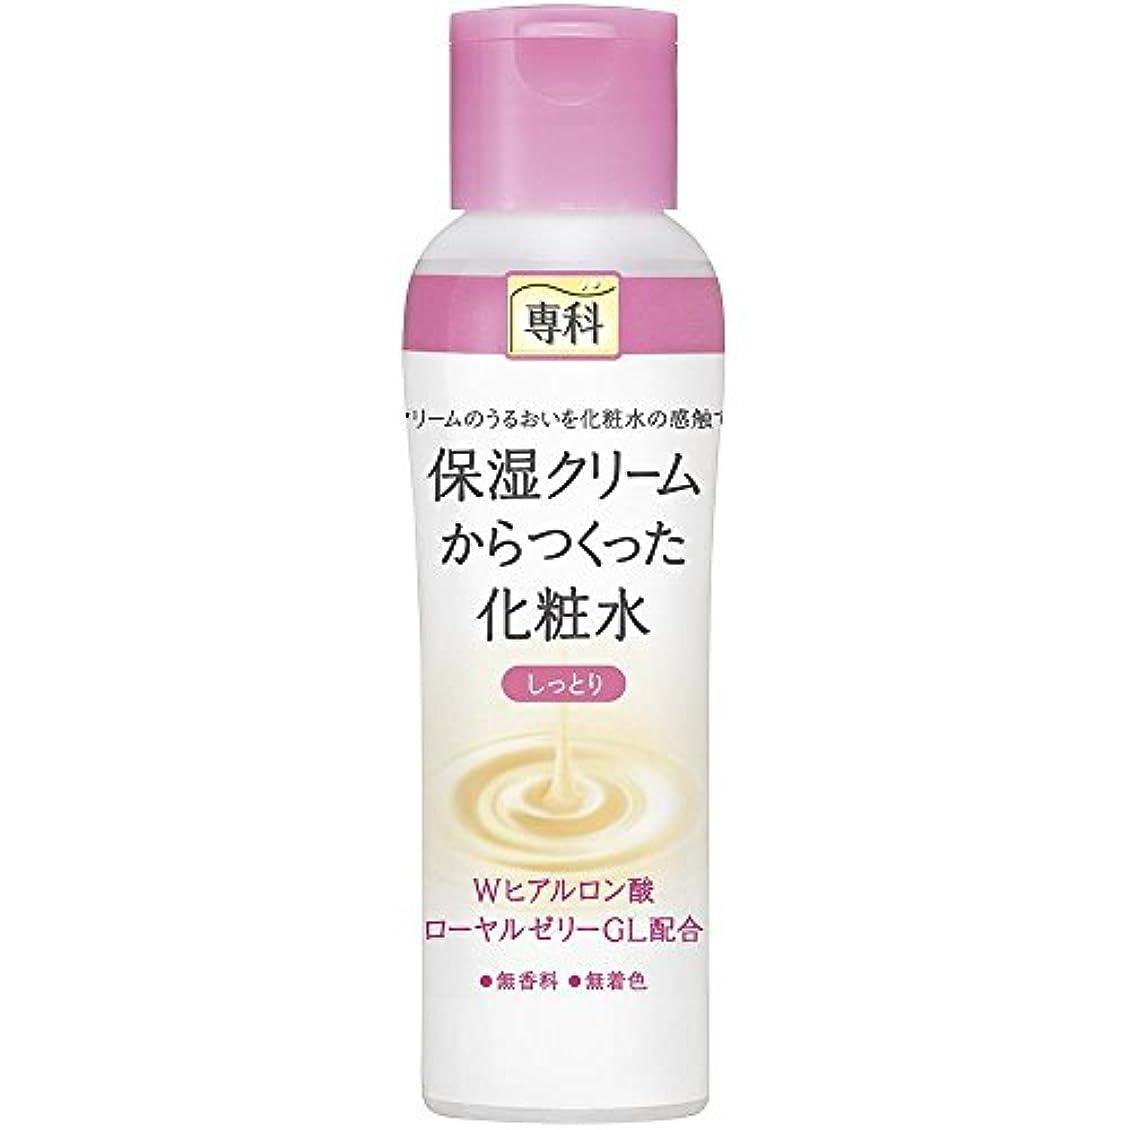 びん調和のとれた偶然専科 保湿クリームからつくった化粧水(しっとり) 200ml